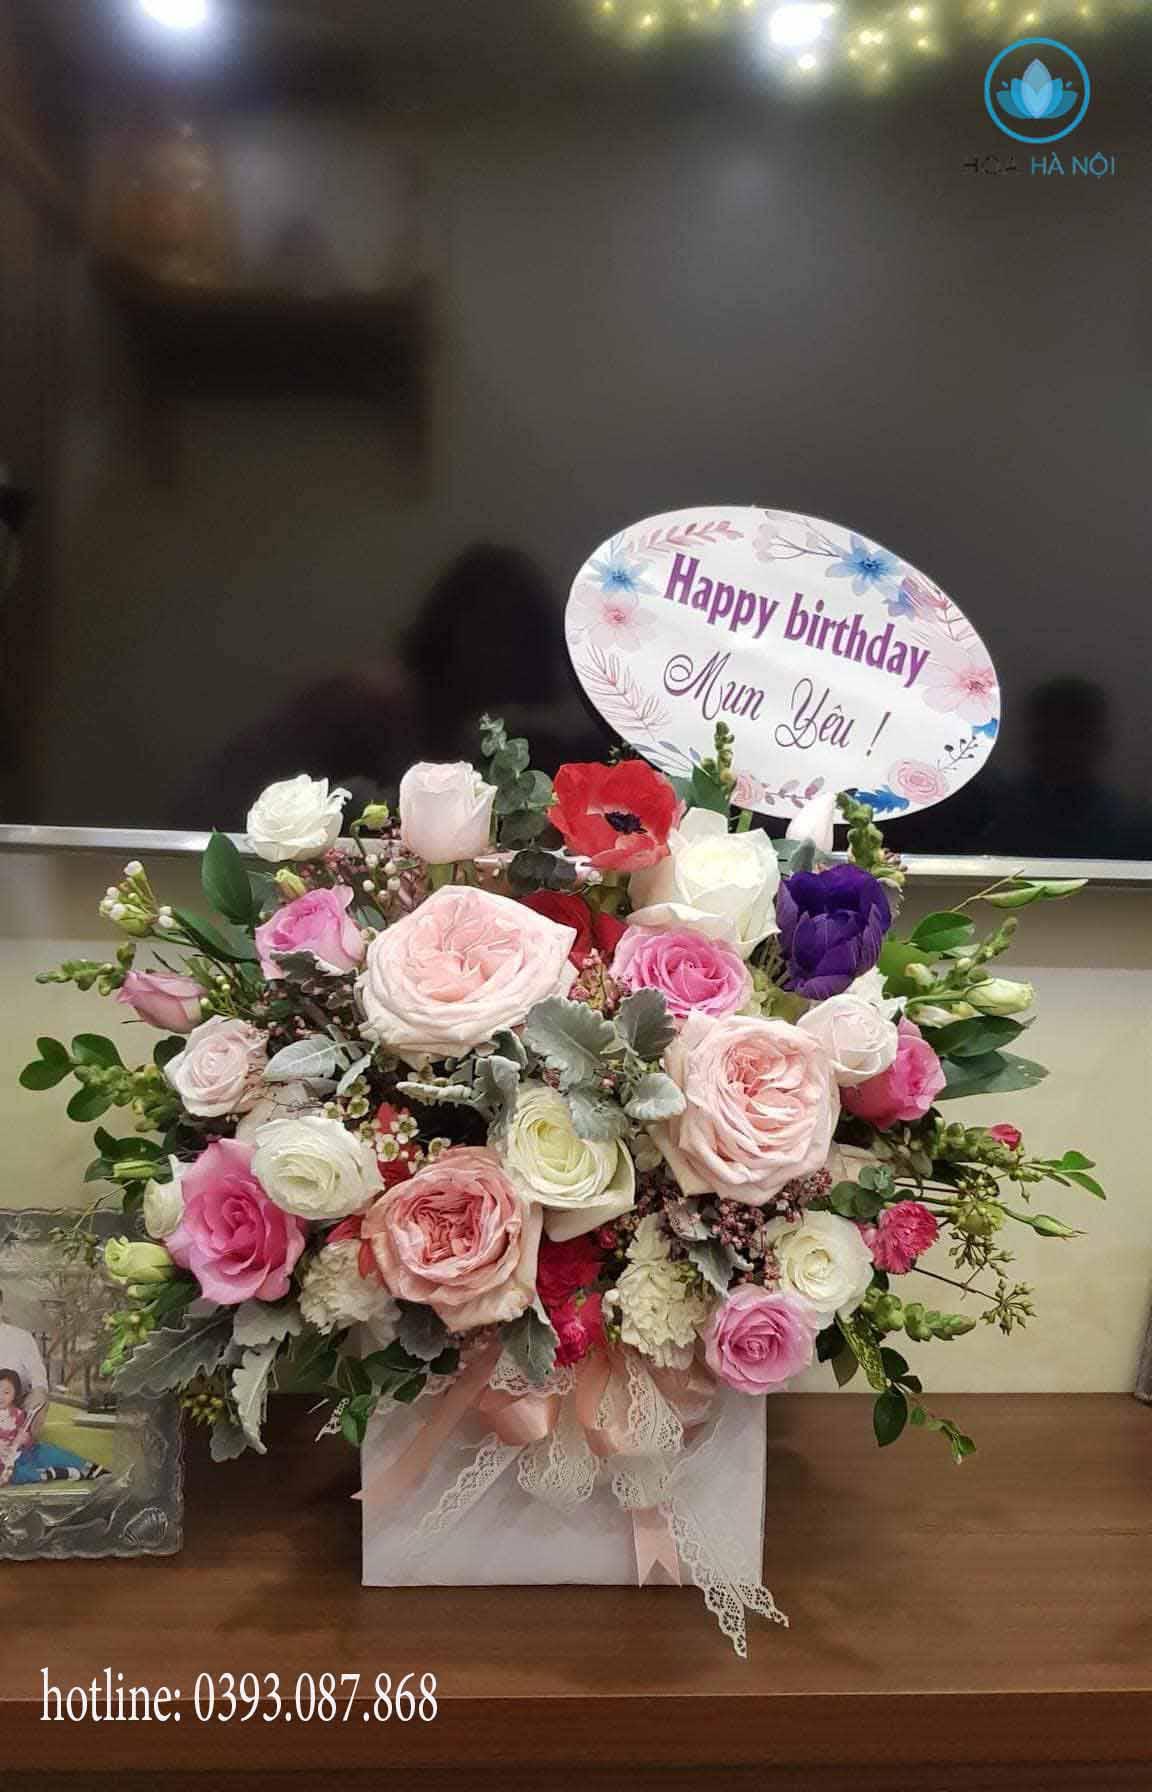 Bó hoa tươi thắm là món quà ý nghĩa thay lời muốn nói gửi tới người thân